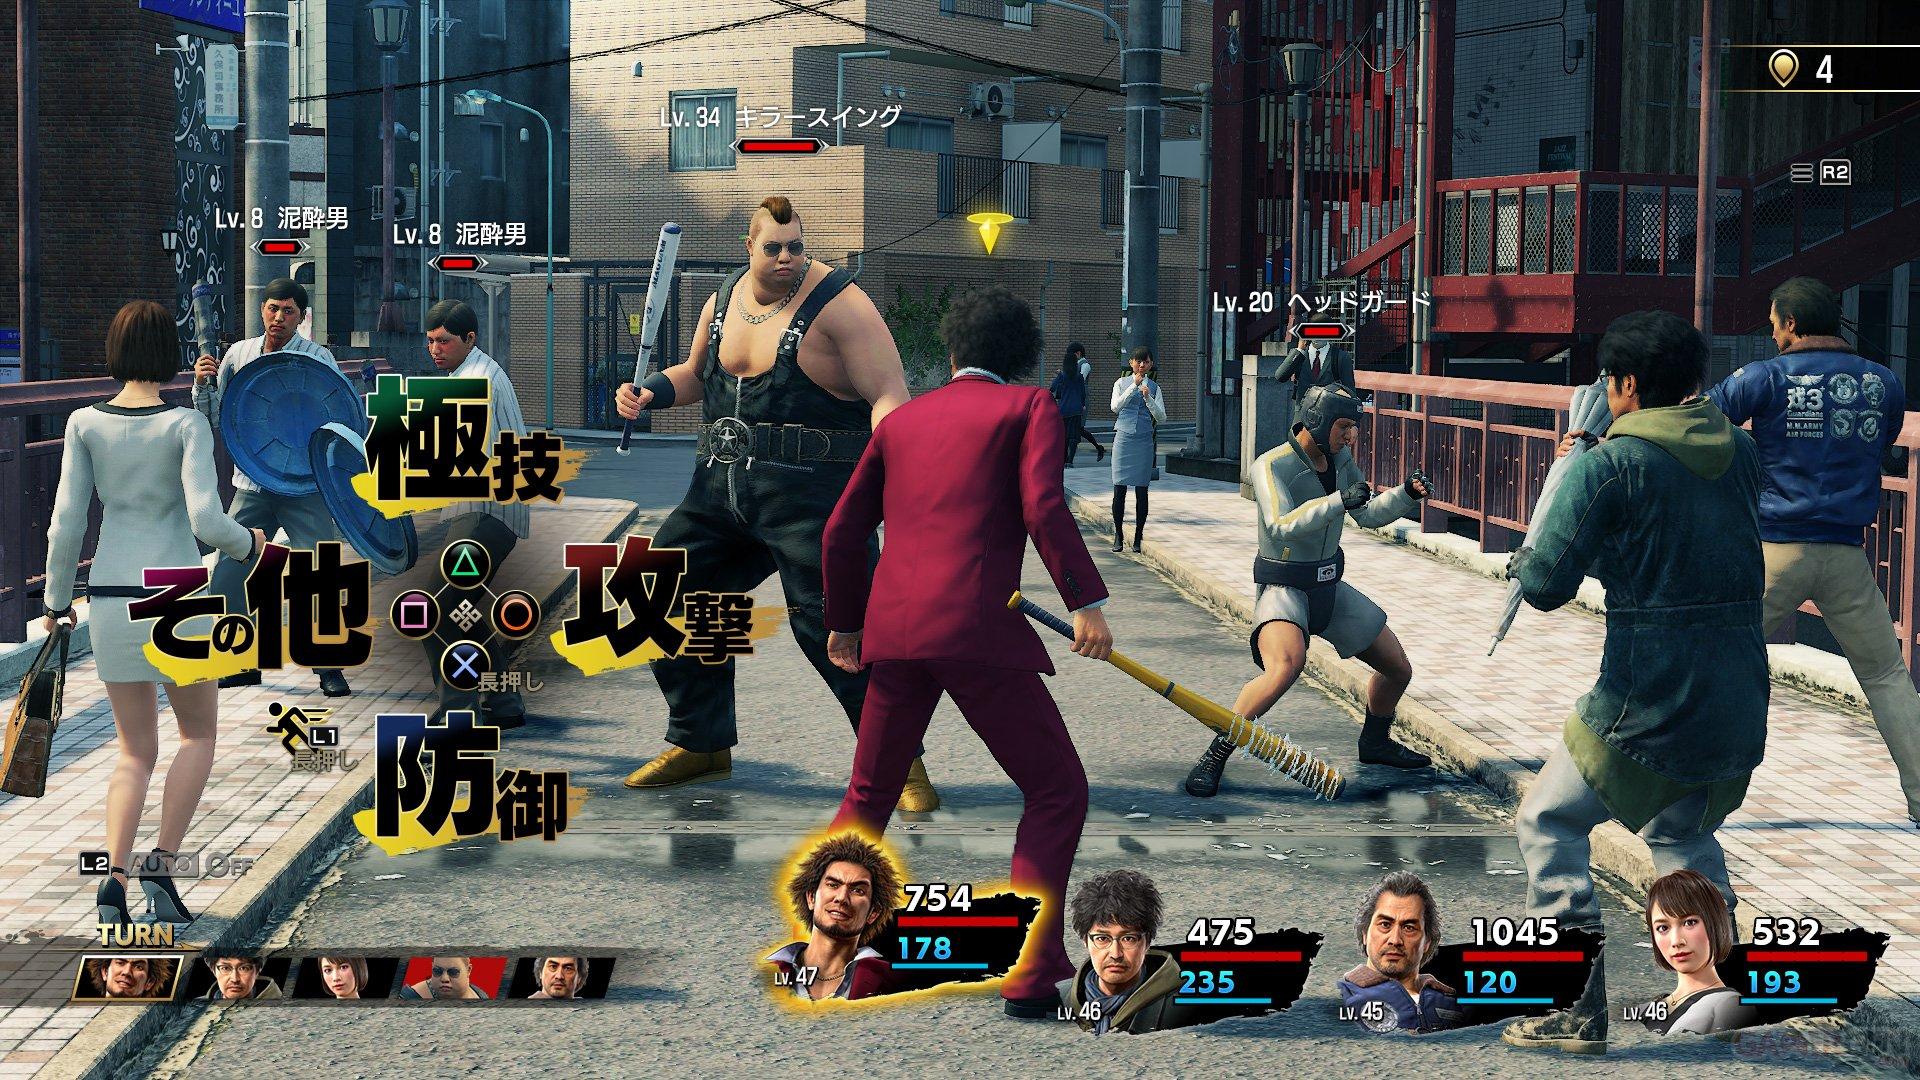 https://global-img.gamergen.com/yakuza-like-a-dragon-pic-2_0900951688.jpg